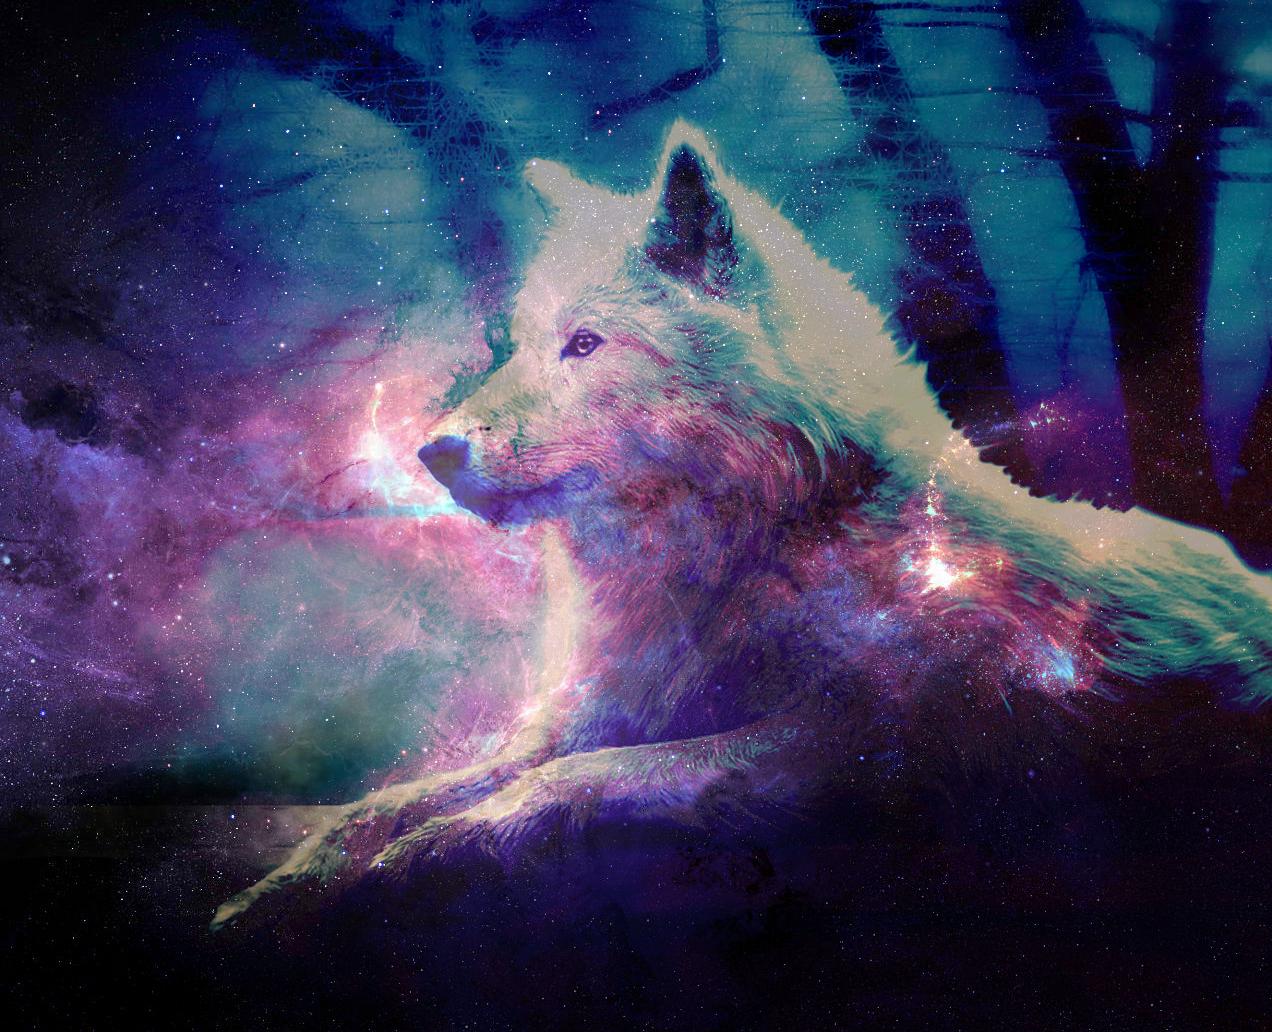 Galaxy Wolf Galaxy Wolf Wallpaper Wallpapersafari Galaxy Wolf Wolf Wallpaper Animal Wallpaper